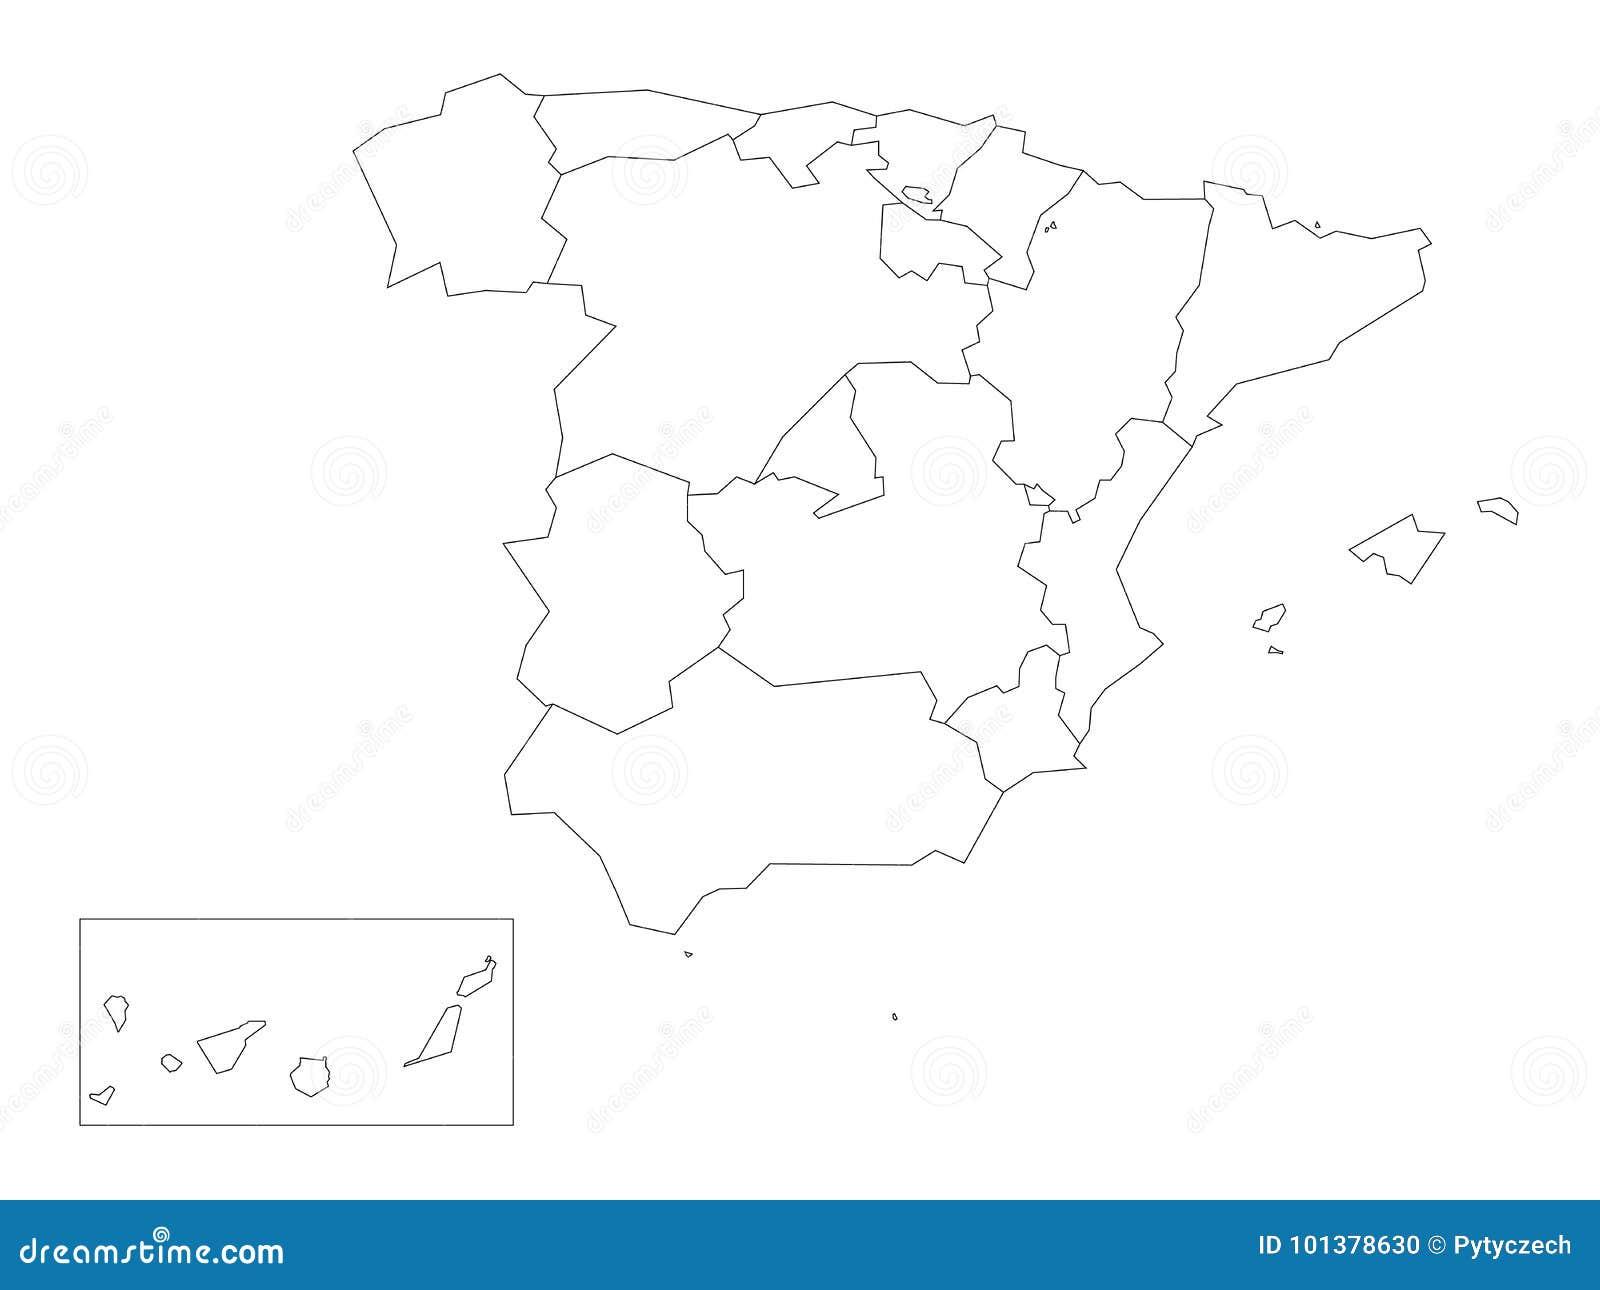 Mapa De Comunidades Autonomas En Blanco.El Mapa De Espana Dividio A 17 Comunidades Autonomas